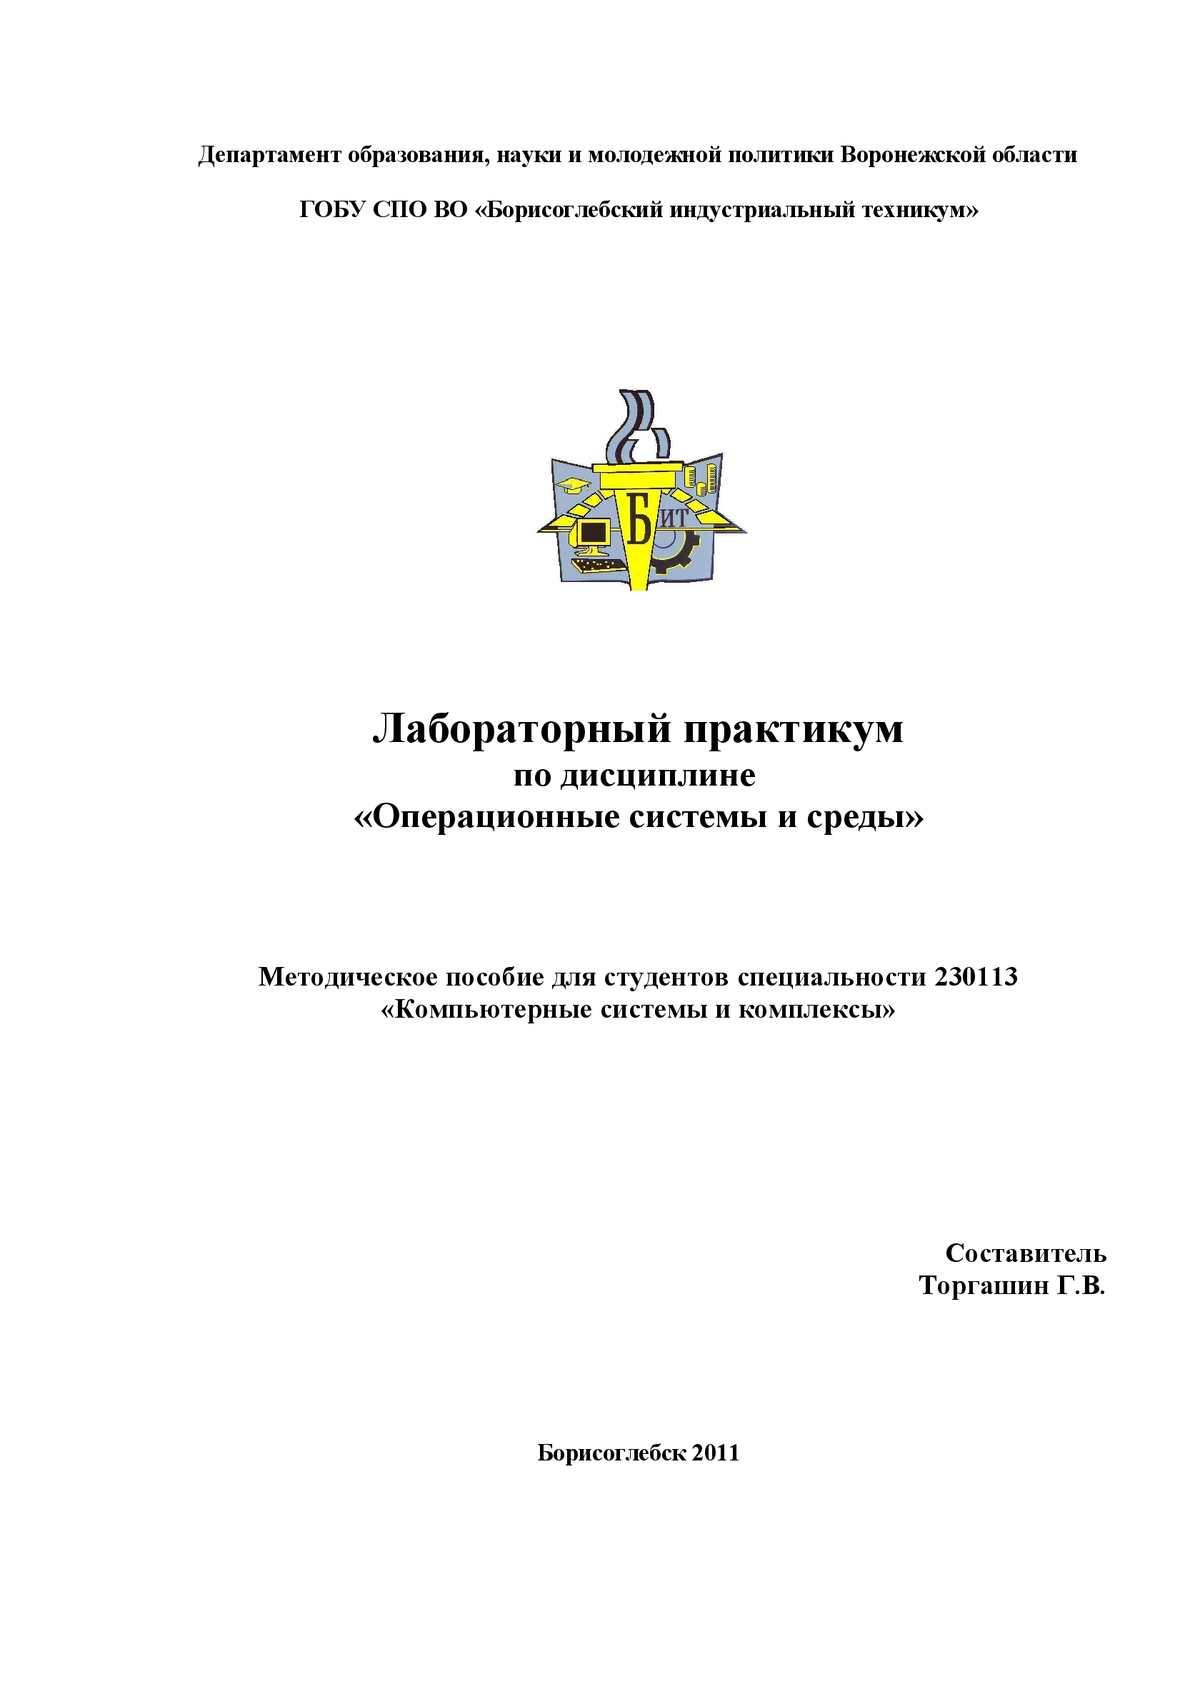 Сборник лабораторных работ по дисциплине операционные системы